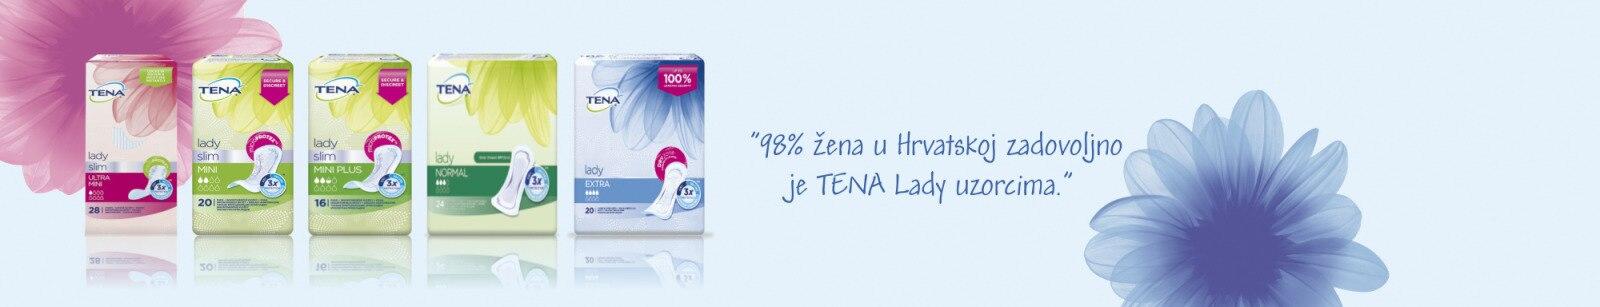 TENA Lady asortiman